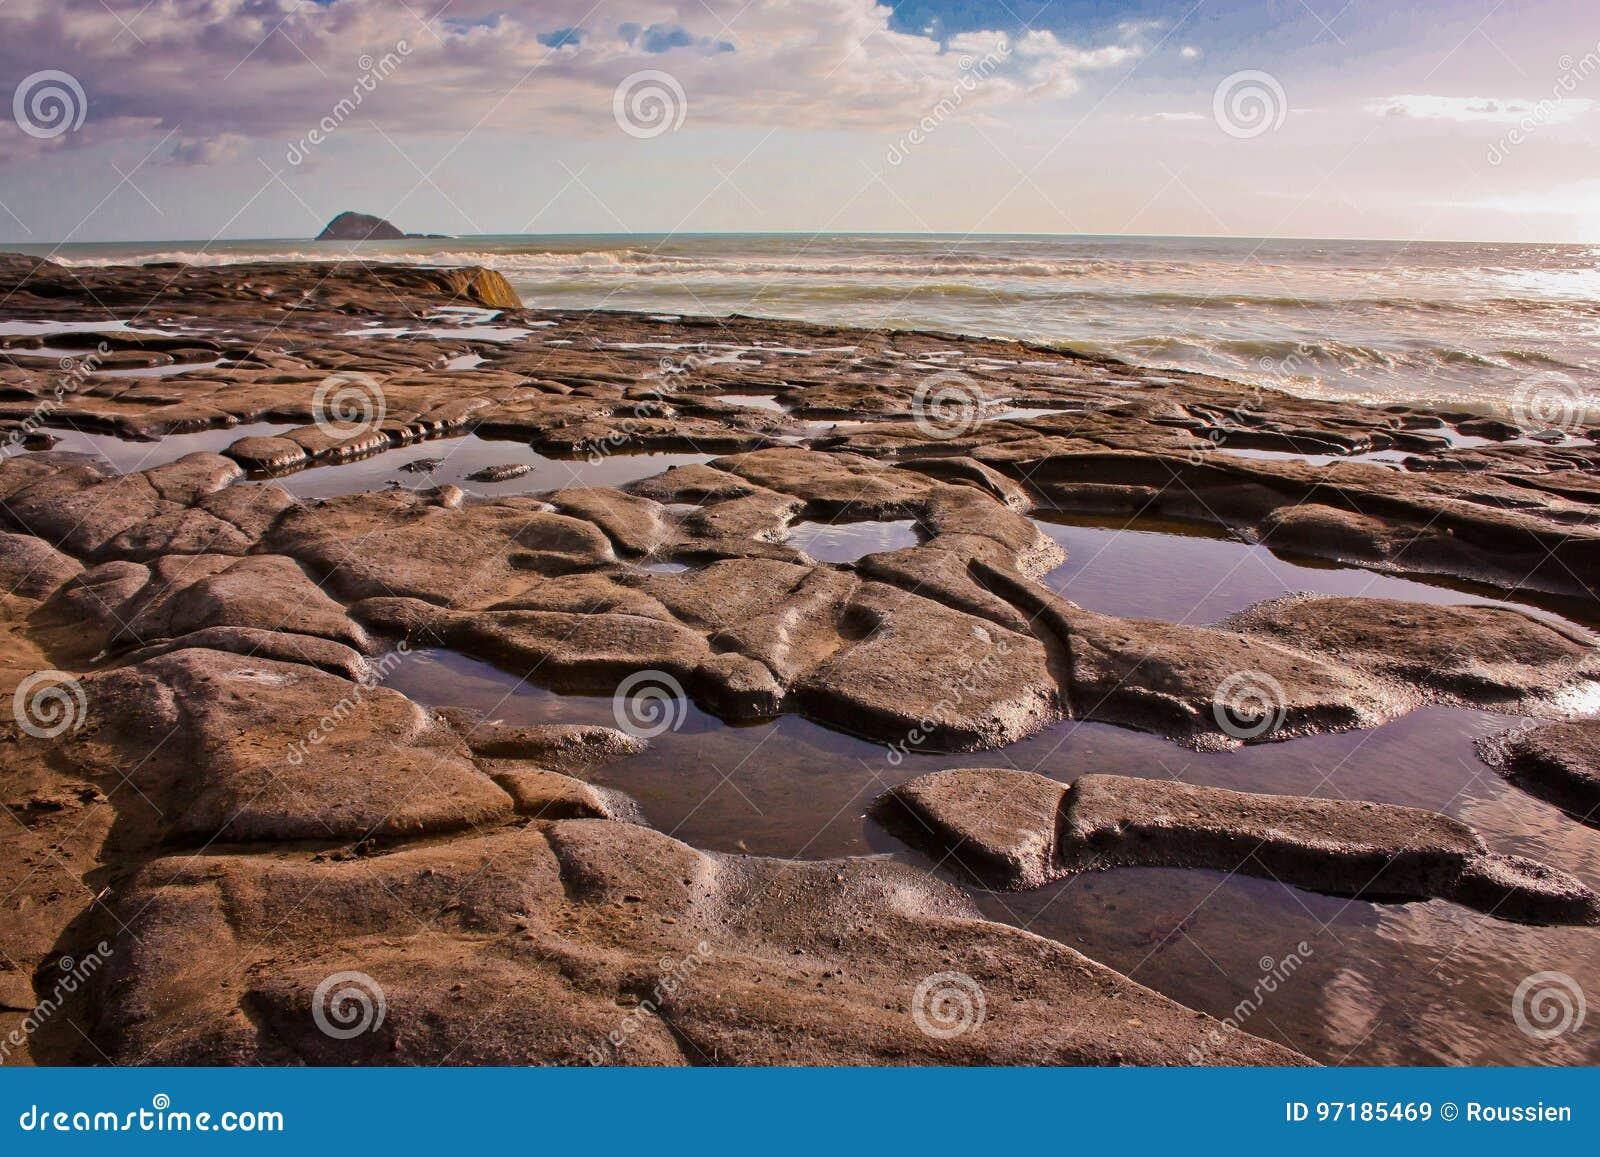 Maré baixa na praia de Muriwai perto de Auckland, Nova Zelândia